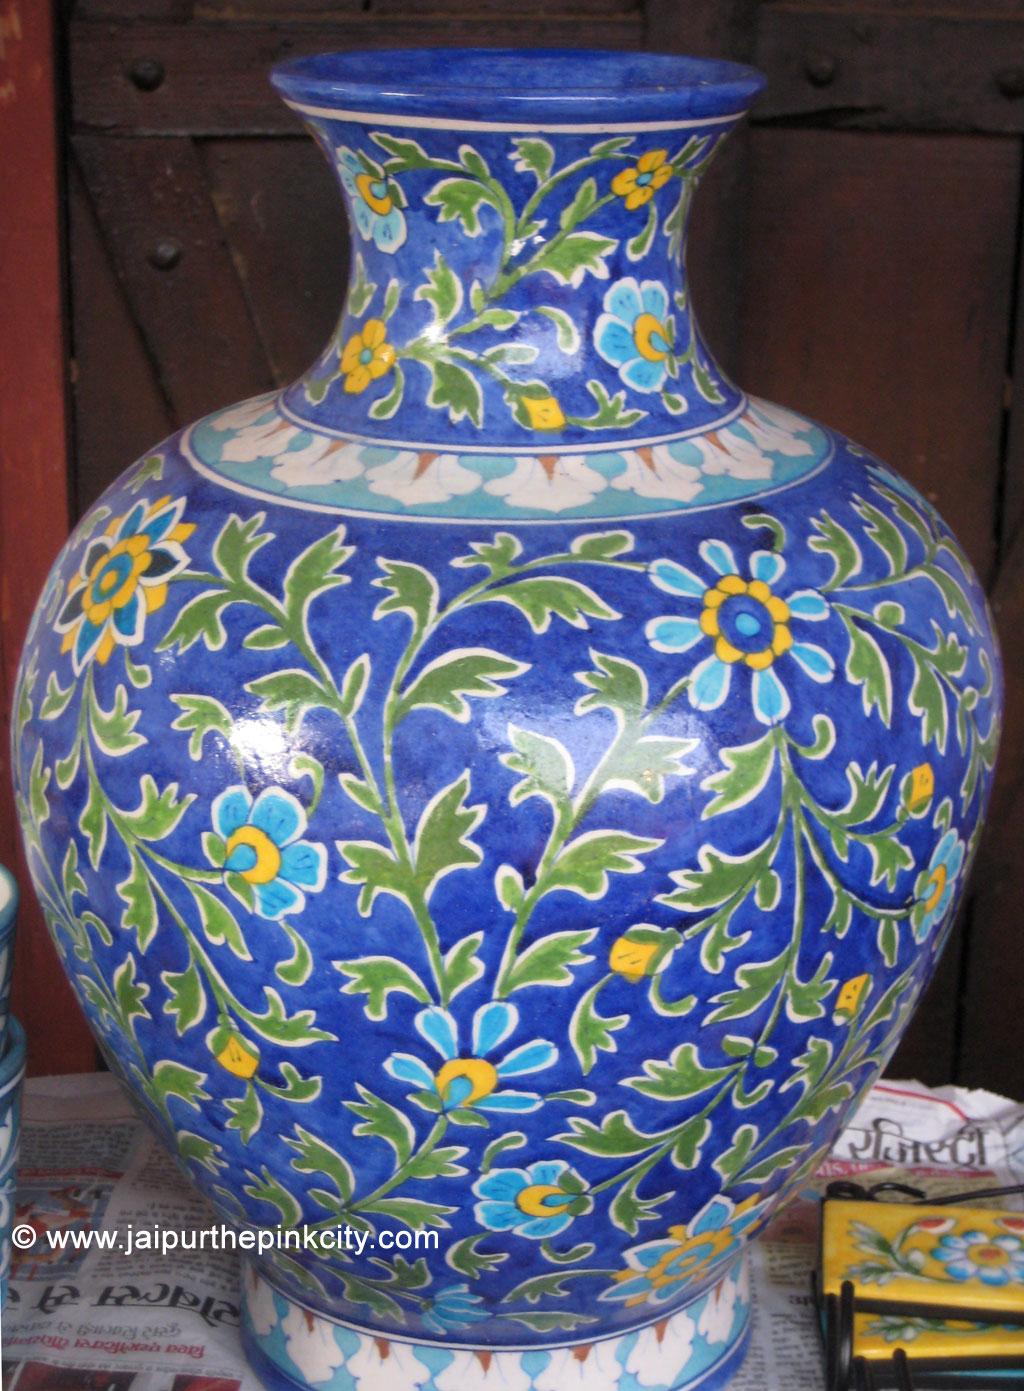 Jaipur Jaipur Travel Photo Jaipur Blue Pottery Photo